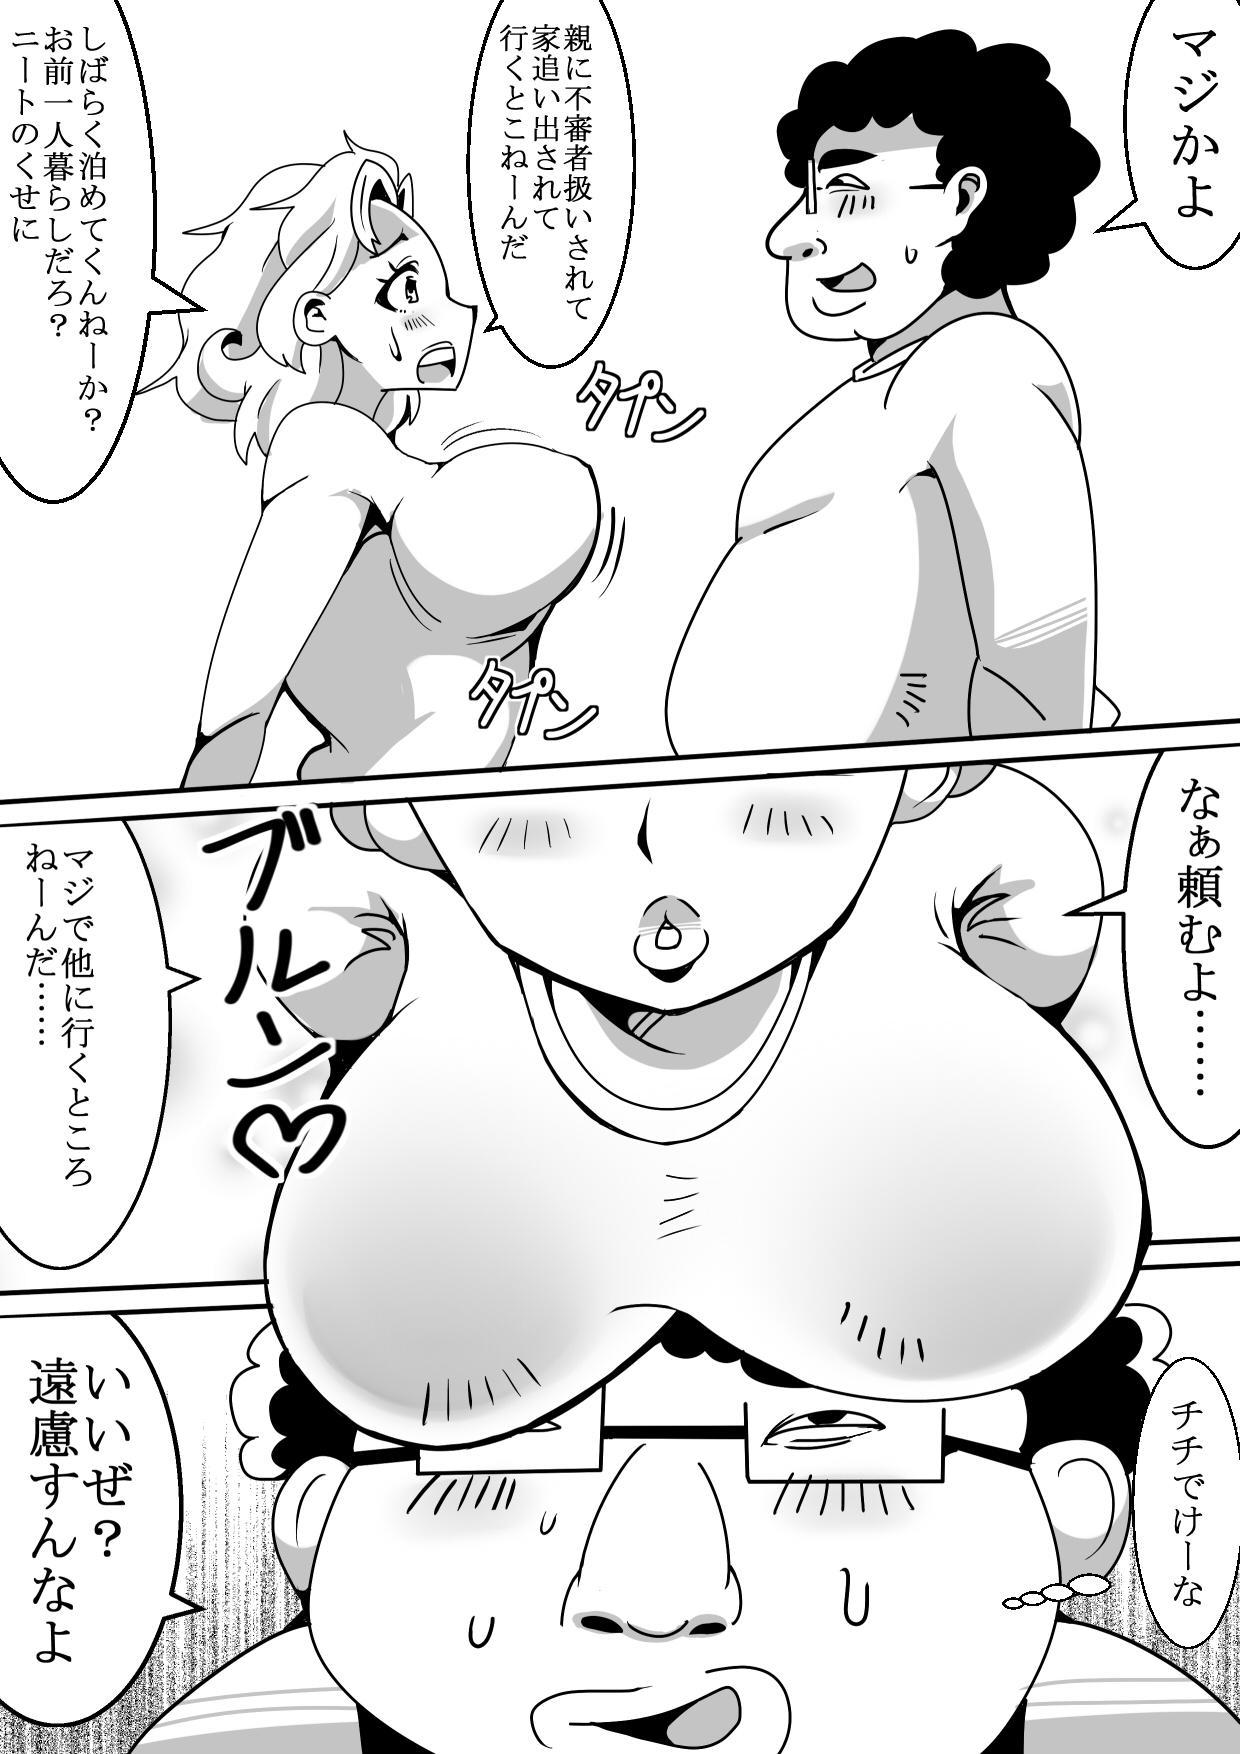 Nyotaika Shita Tomodachi ga Yattekita Hanashi 4